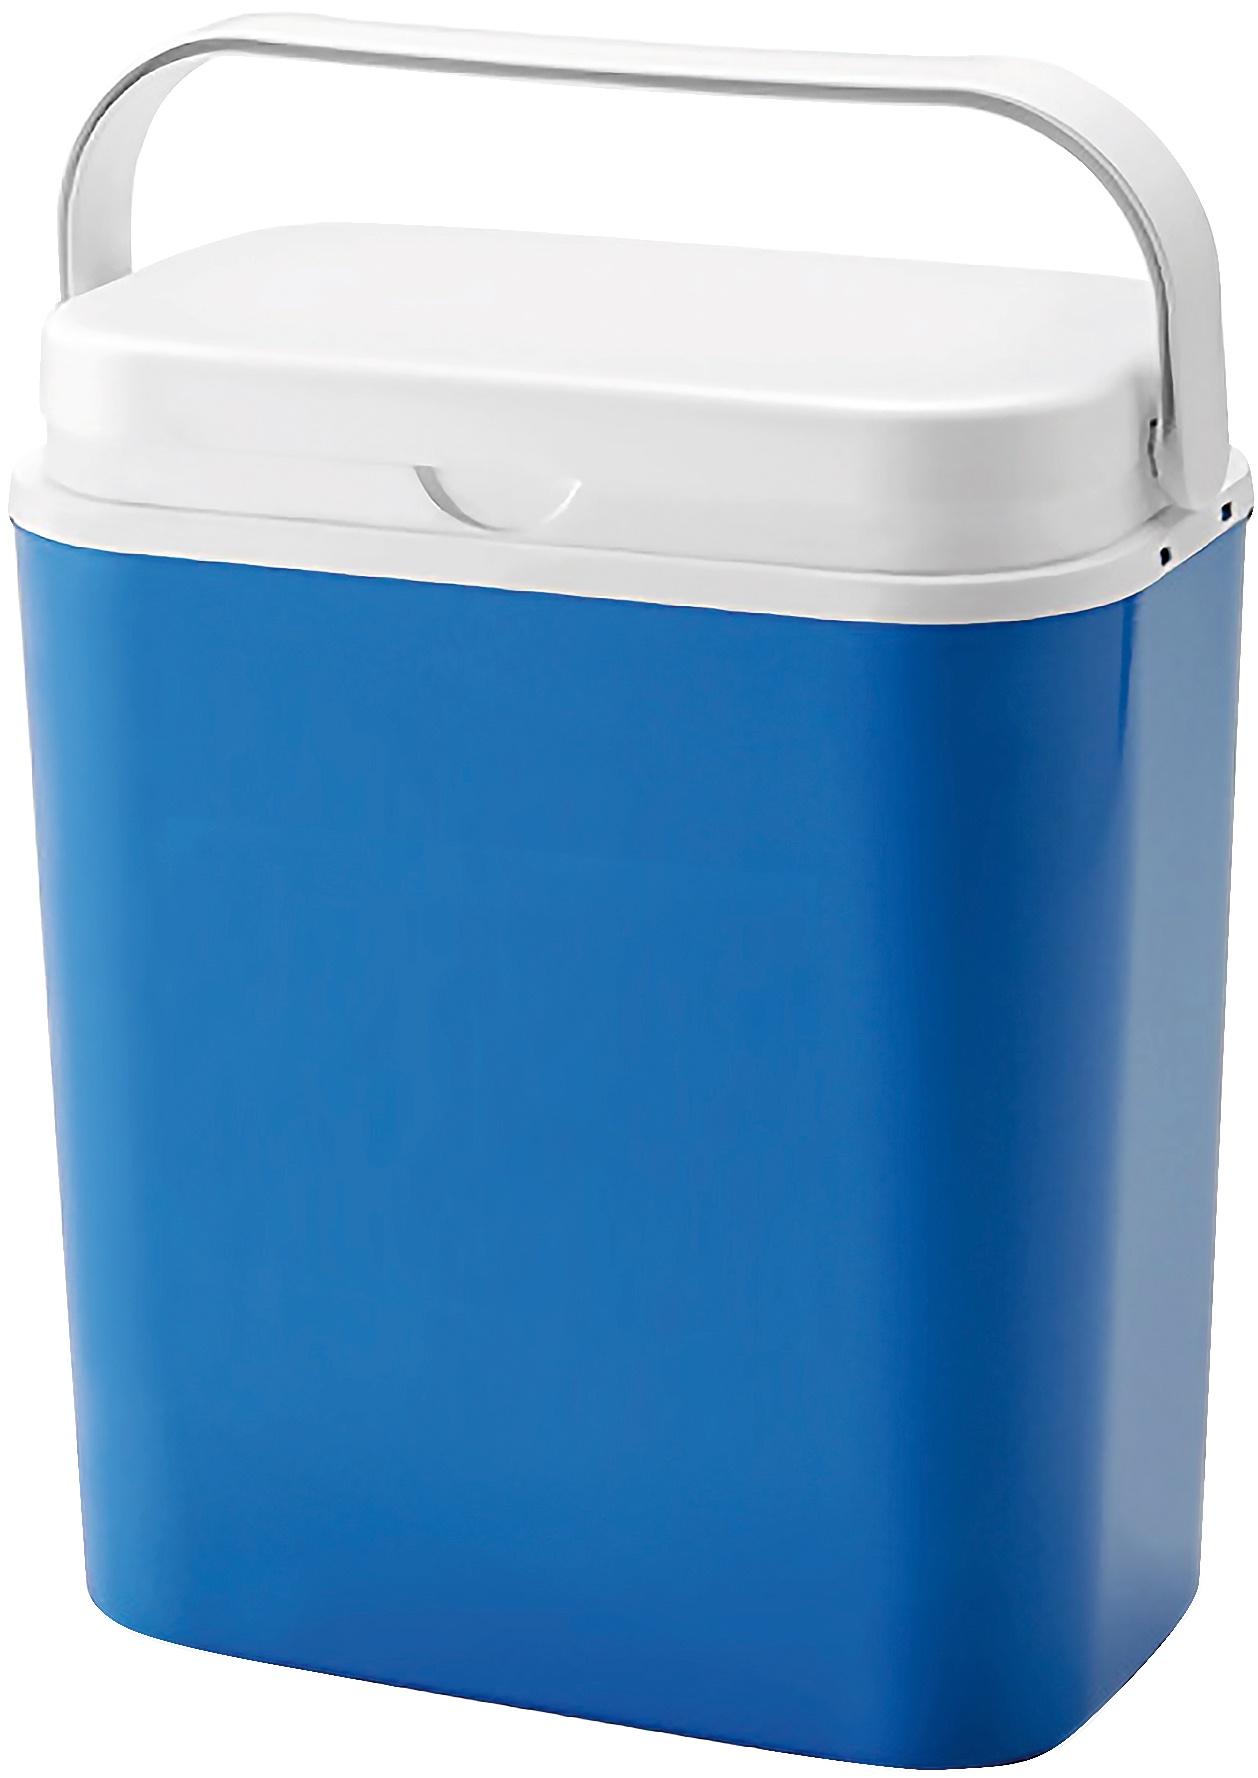 Изотермический контейнер Piktime 005036, синий, 18 л уголь piktime 553612